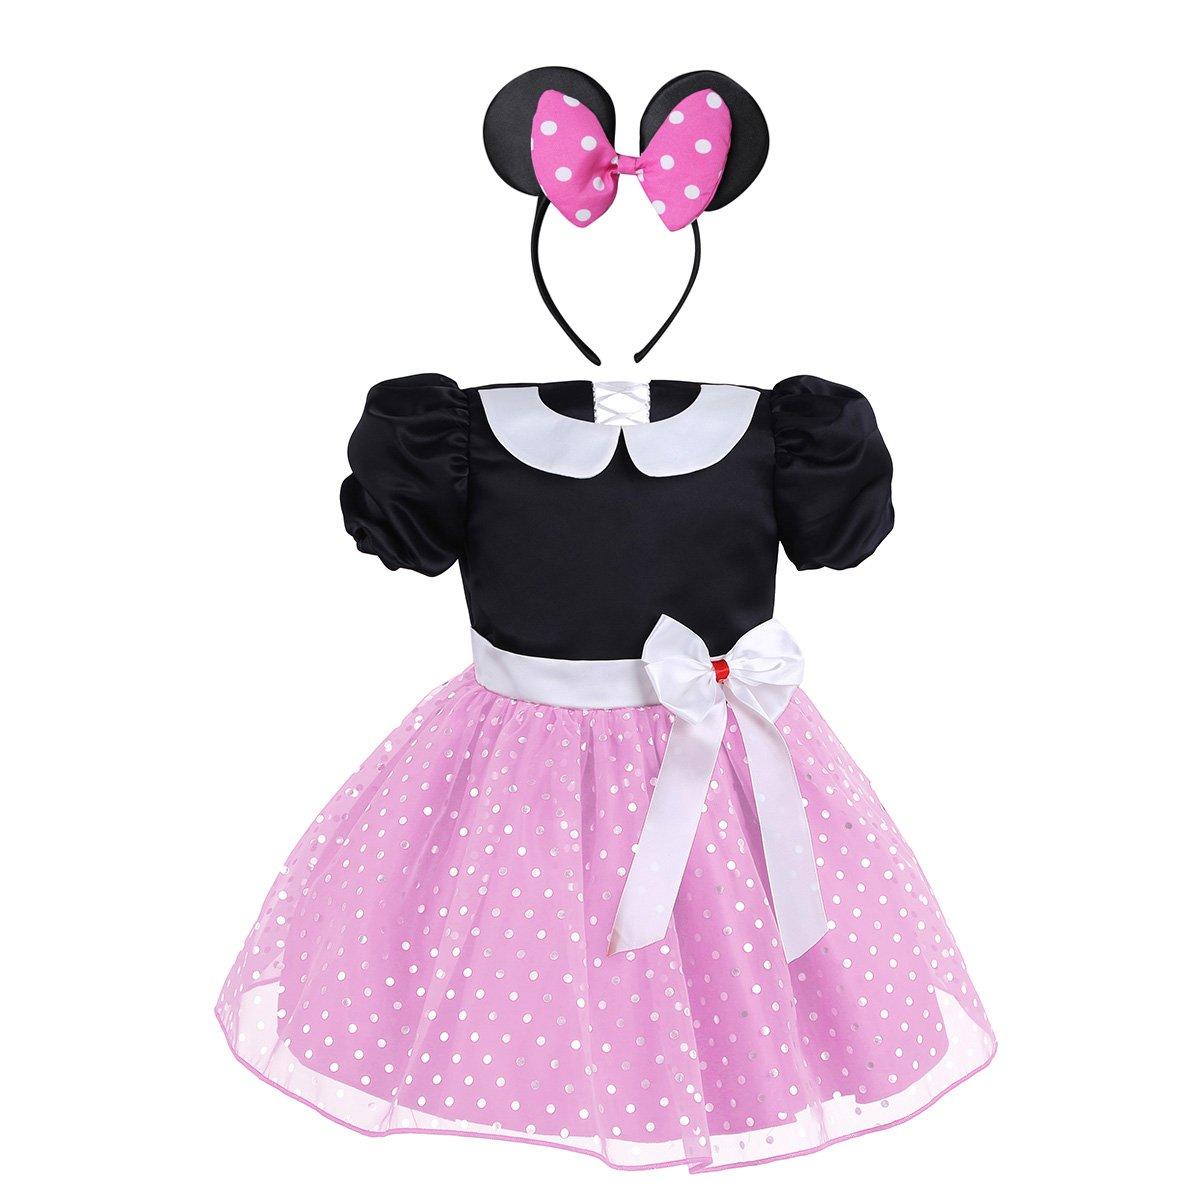 CHICTRY Baby Mädchen Kleidung Set 2tlg. Prinzessin Kostüm mit Ohren Haarreif Polka Dots festlich Party Fasching Karneval Kostüm Gr. 80 86 92 98 104